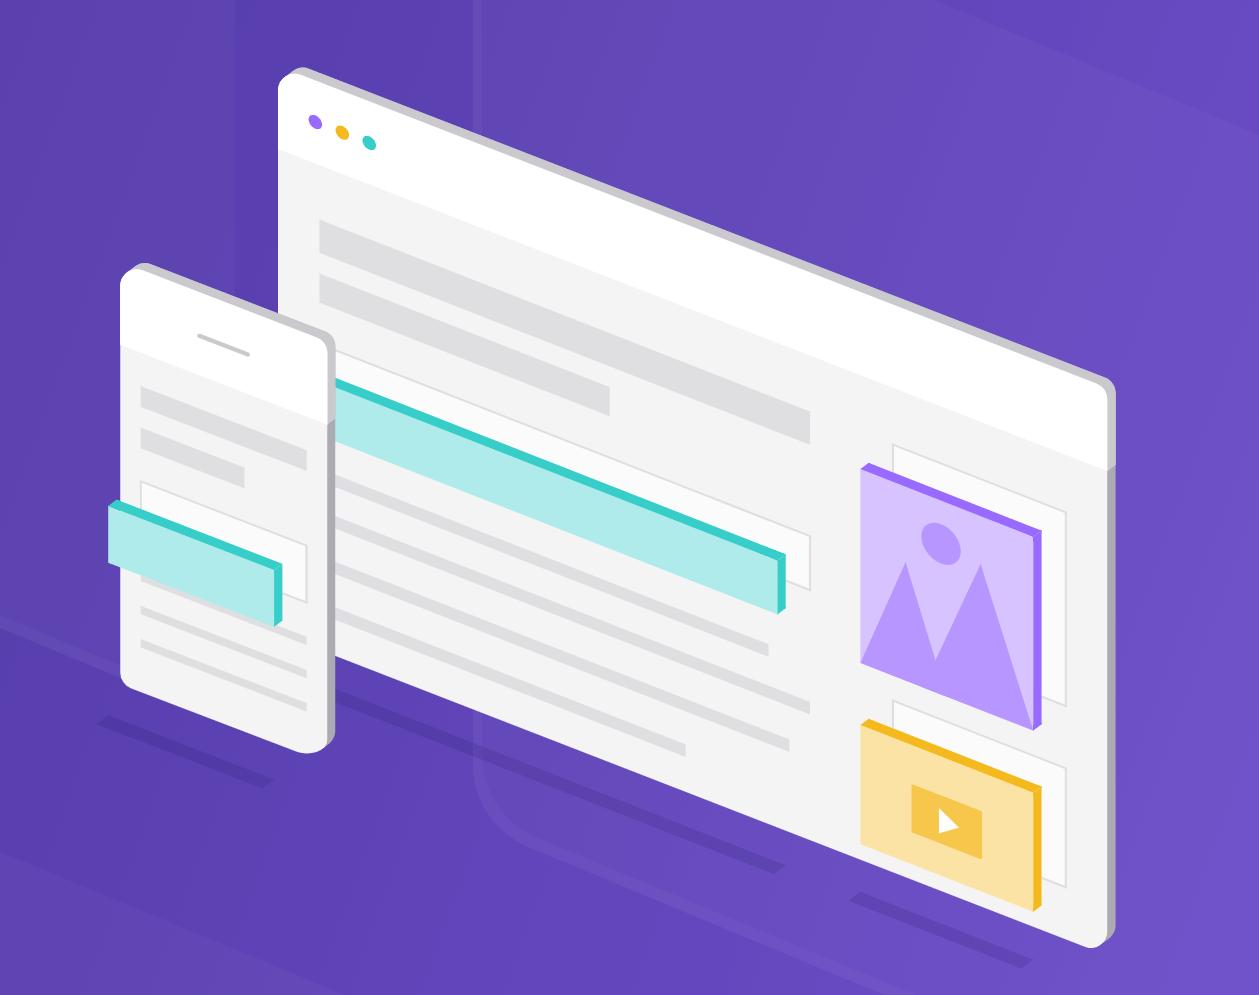 سیاری از صاحبان سایت وردپرس برای کسب درآمد از وبسایتهای خود به تبلیغات متکی هستند. در این مقاله، ما بهترین افزونهها و راهحلهای مدیریت تبلیغات را در وردپرس برای بهینهسازی درآمد تبلیغاتی شما به اشتراک میگذاریم.